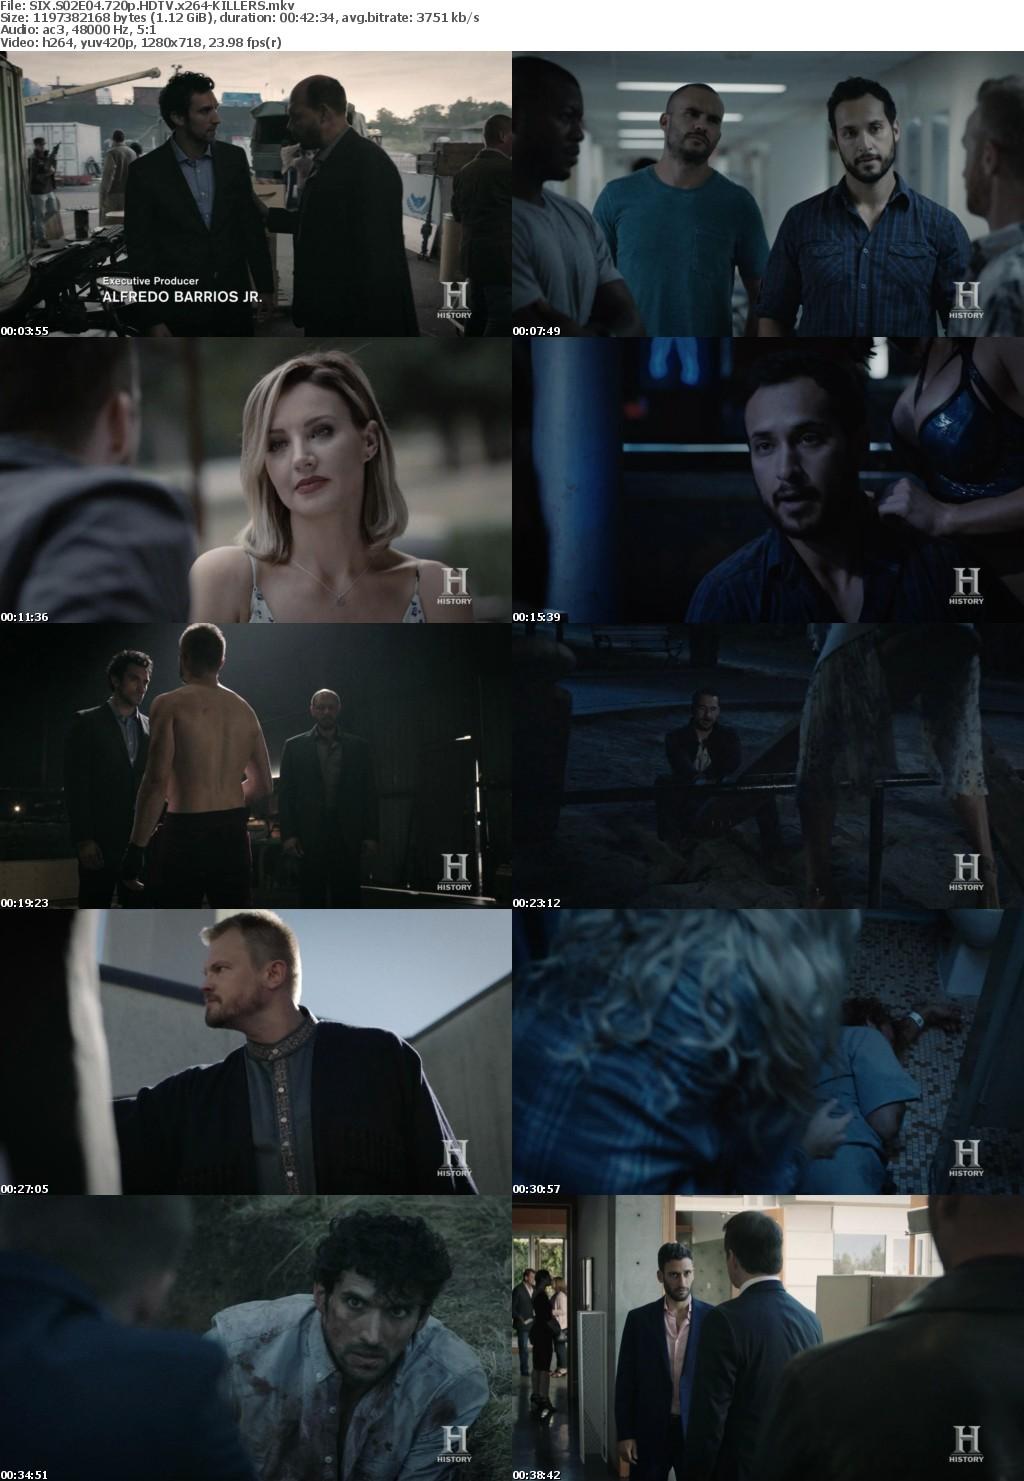 SIX S02E04 720p HDTV x264-KILLERS